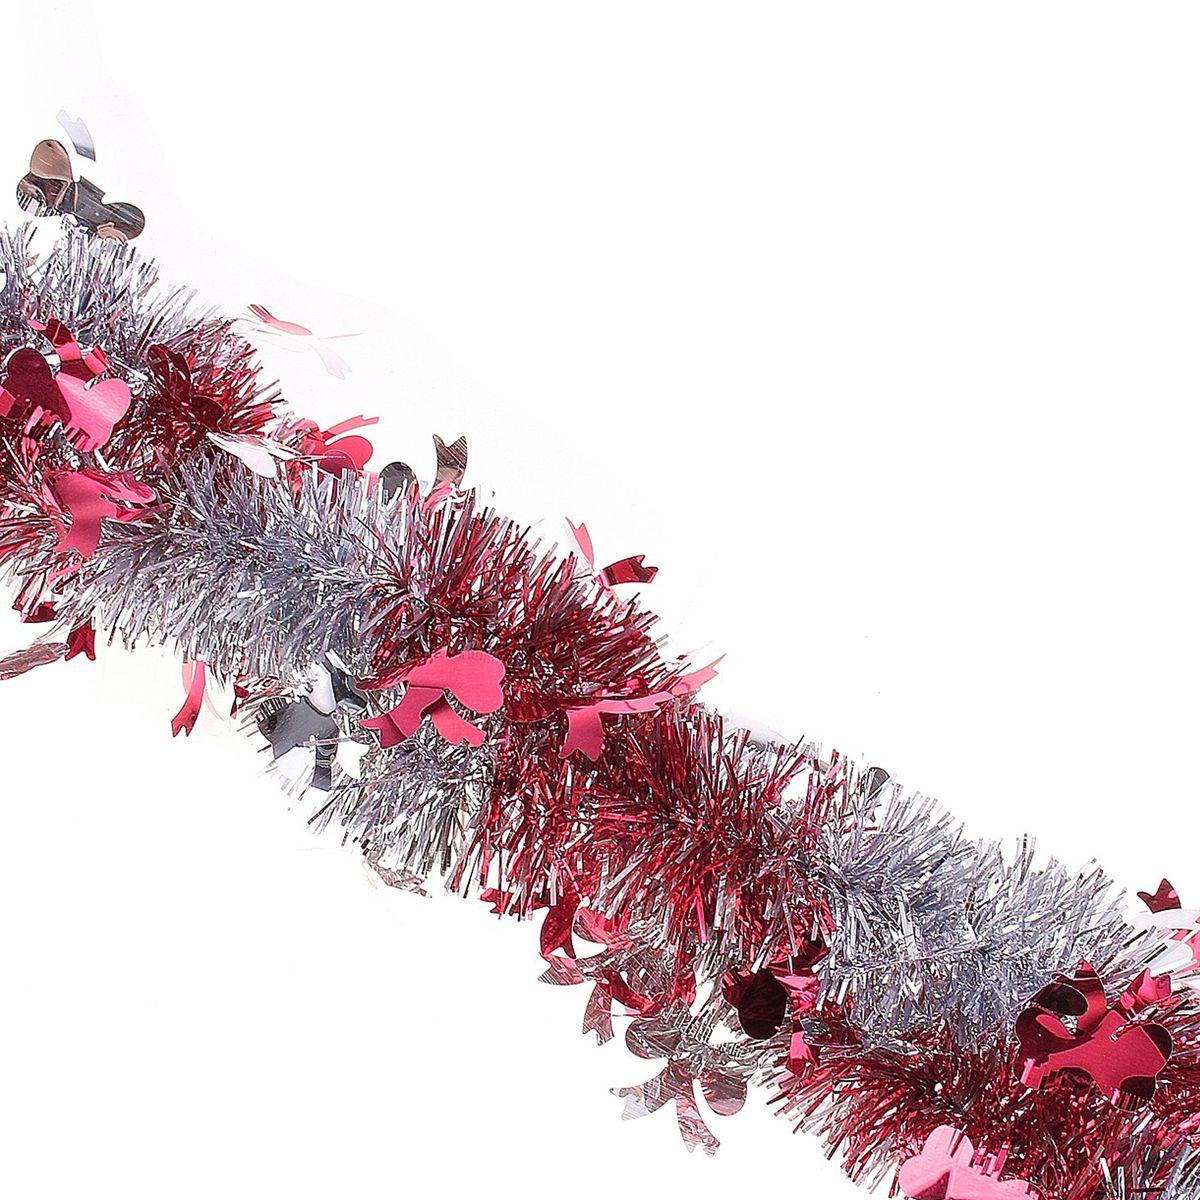 Мишура новогодняя Sima-land, цвет: серебристый, красный, диаметр 5 см, длина 200 см. 702605702605_серебристый, красныйМишура новогодняя Sima-land, выполненная из фольги, поможет вам украсить свой дом к предстоящим праздникам. Мишура армирована, то есть имеет проволоку внутри и способна сохранять приданную ей форму. Новогодняя елка с таким украшением станет еще наряднее. Новогодней мишурой можно украсить все, что угодно - елку, квартиру, дачу, офис - как внутри, так и снаружи. Можно сложить новогодние поздравления, буквы и цифры, мишурой можно украсить и дополнить гирлянды, можно выделить дверные колонны, оплести дверные проемы.